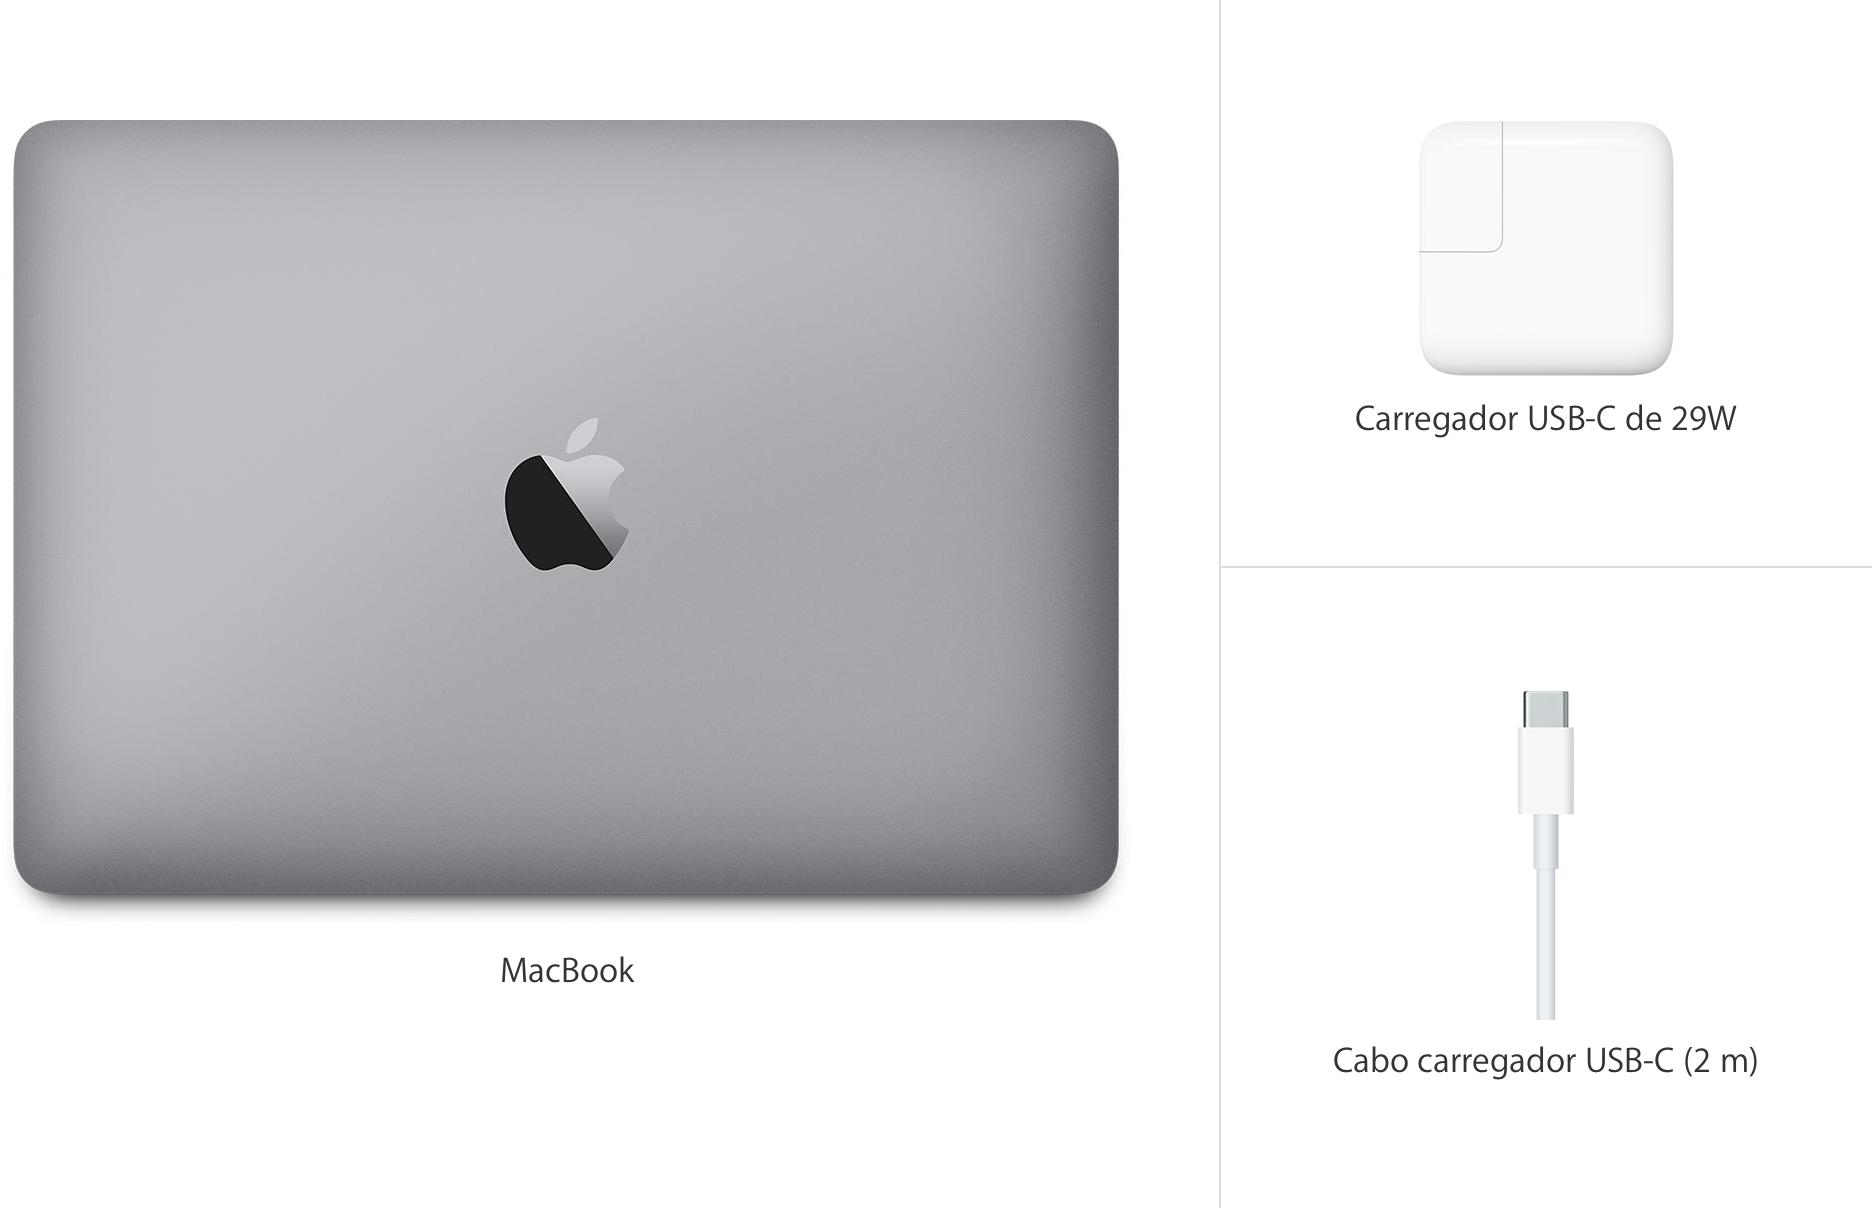 Acessórios do MacBook